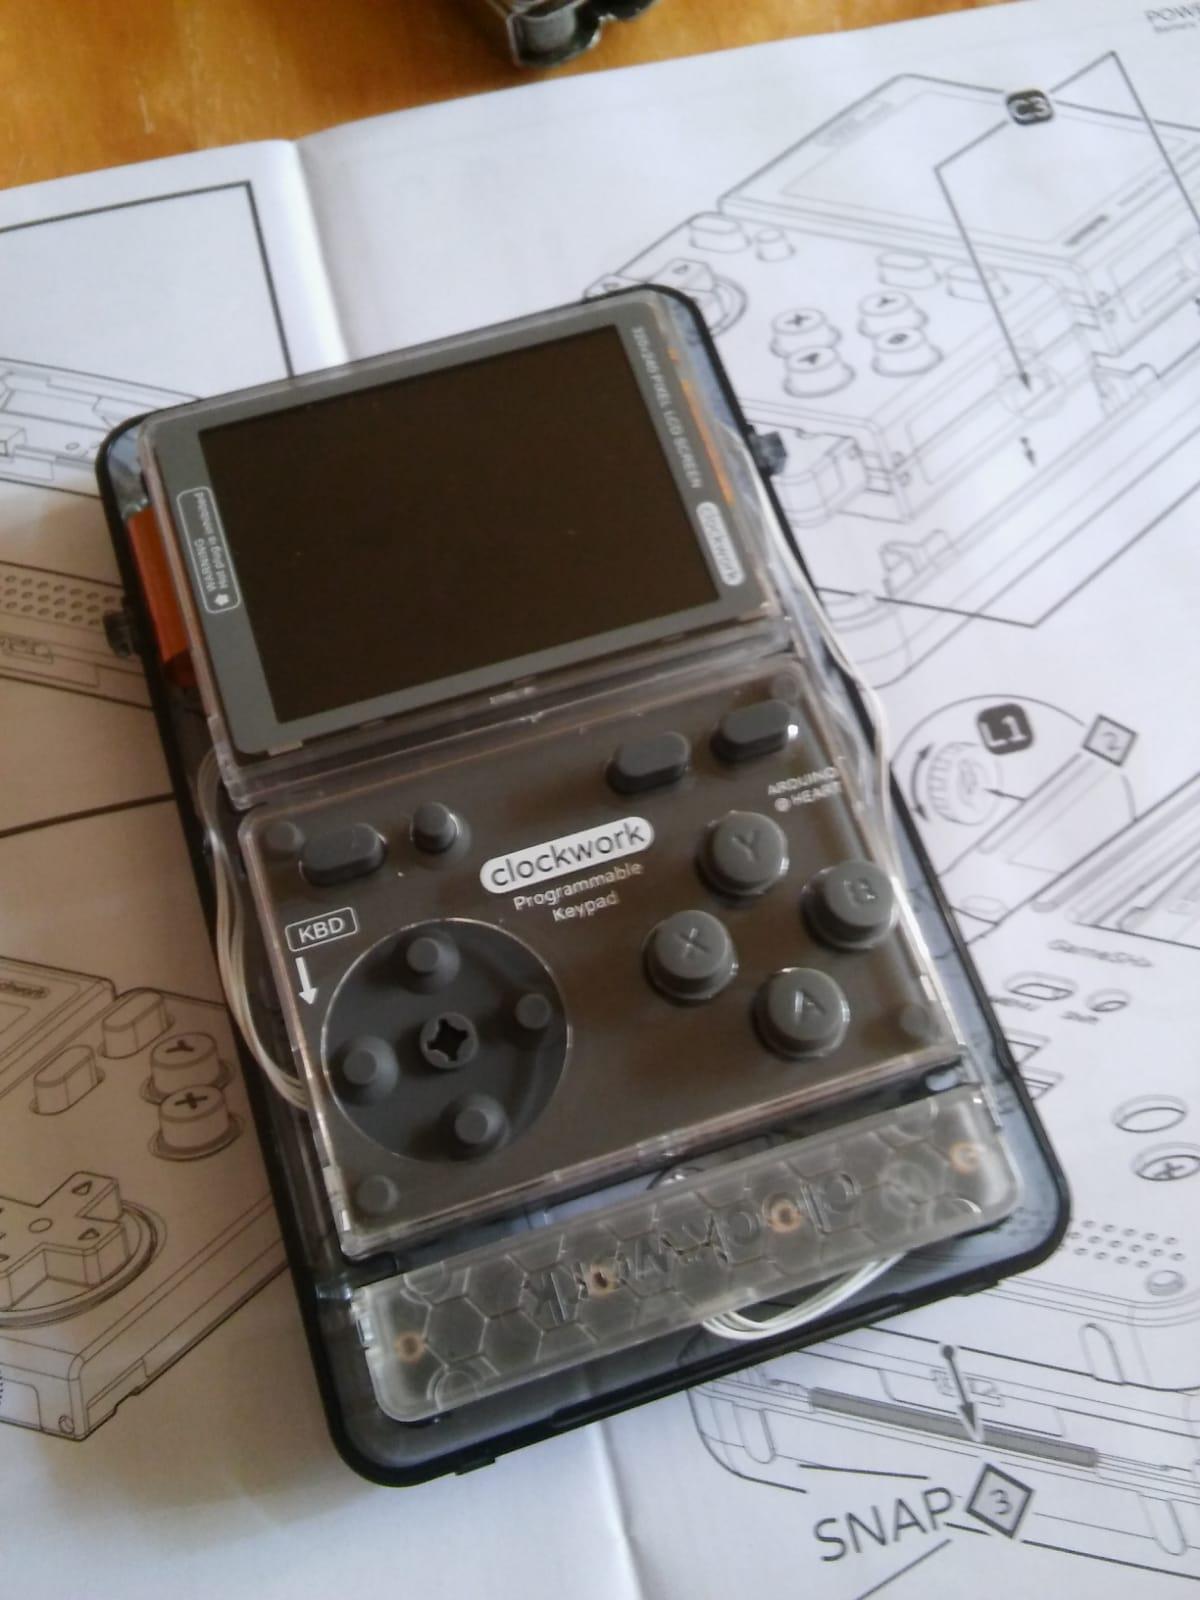 Comment puis-je brancher ma PSP à l'Internet Gujarati datant de Londres